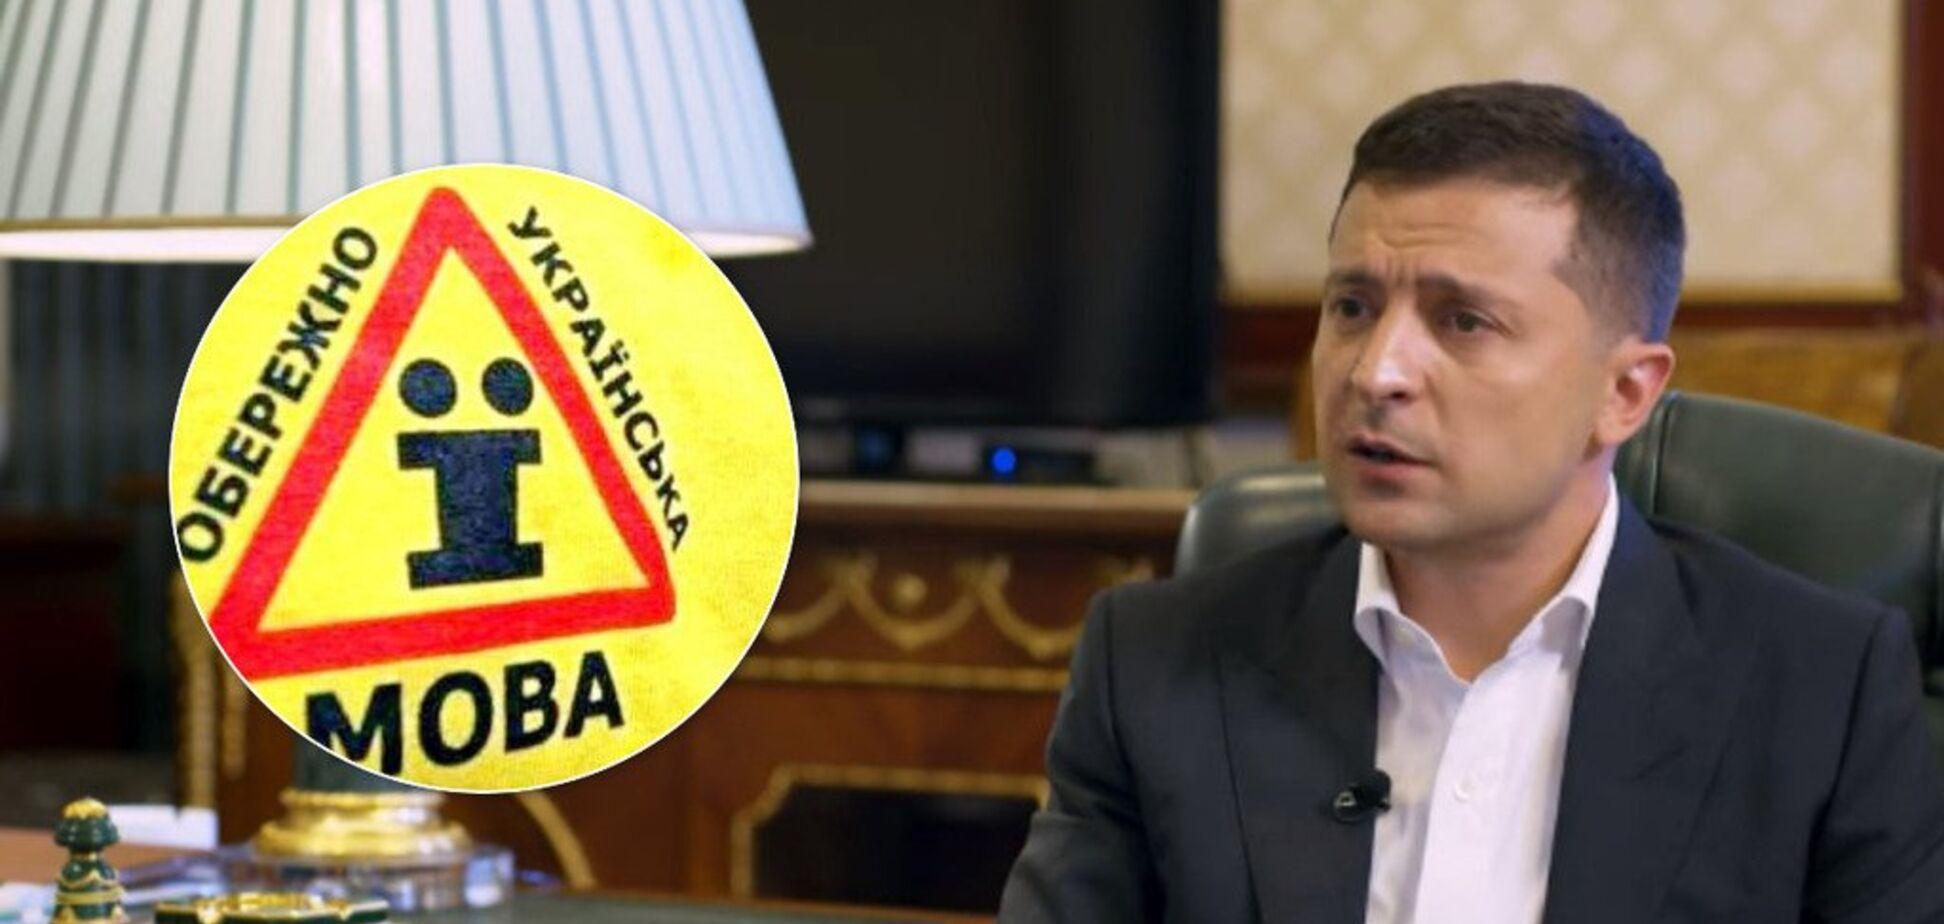 'Защищать права меньшинств': Зеленский высказался о судьбе закона об украинском языке